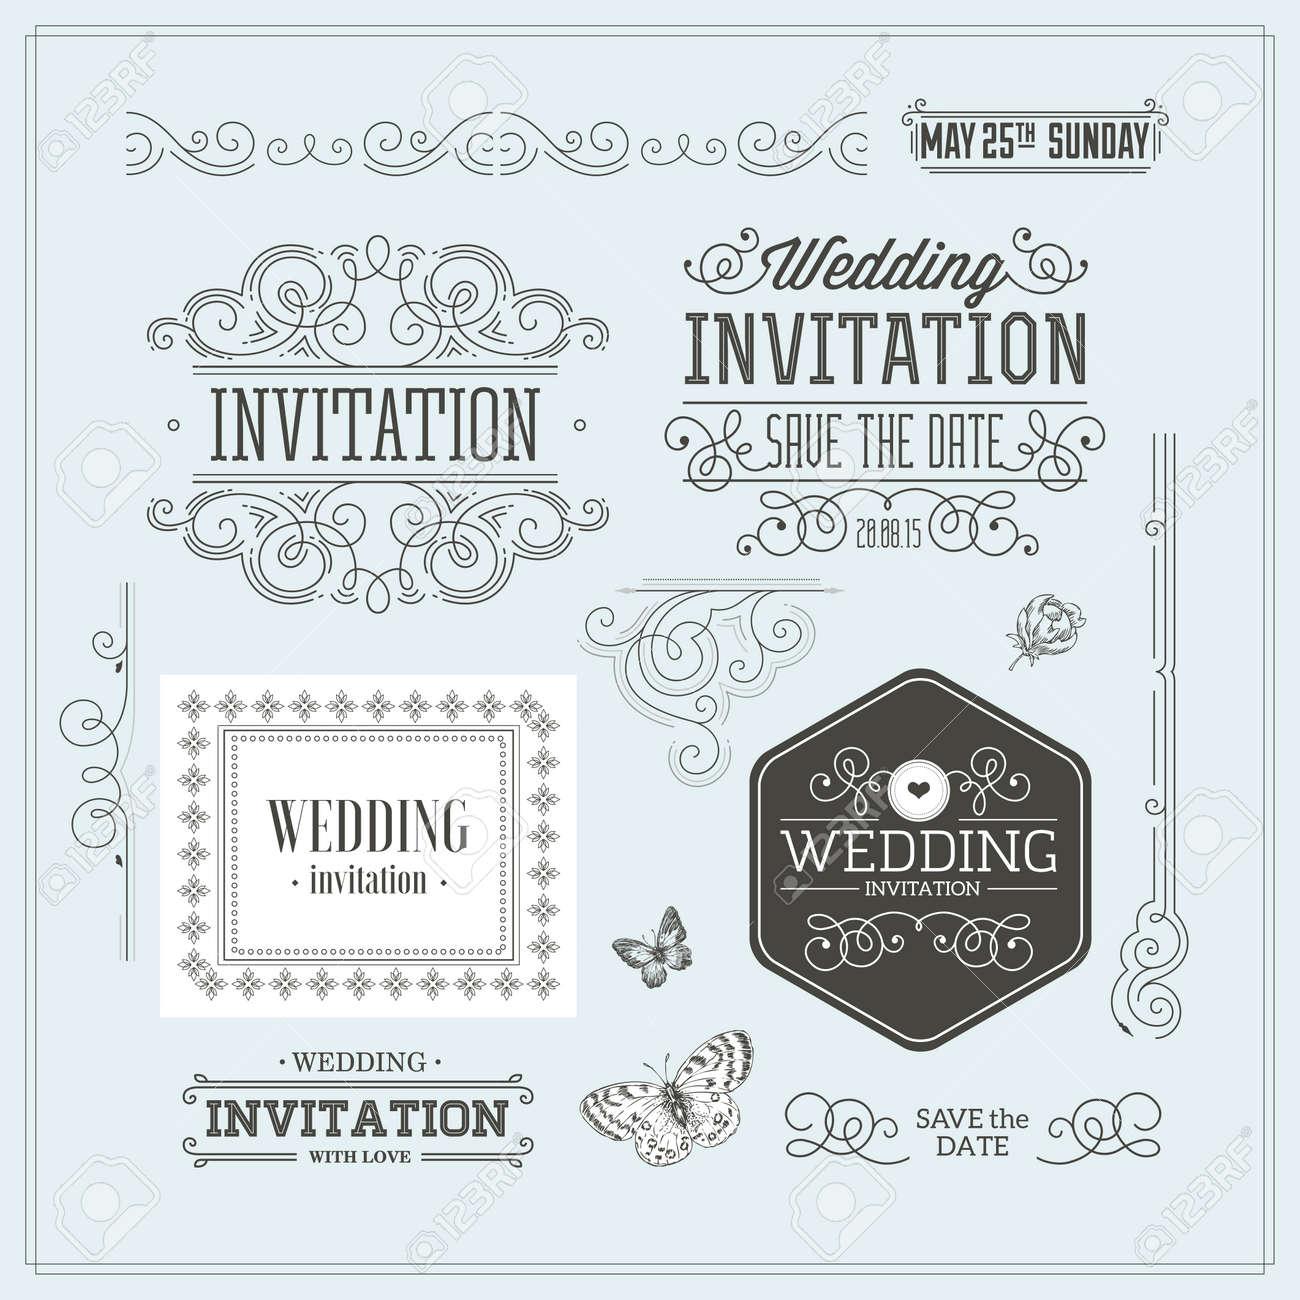 Vintage Wedding invitation design kit. Elements, ornaments, badges. - 122403714